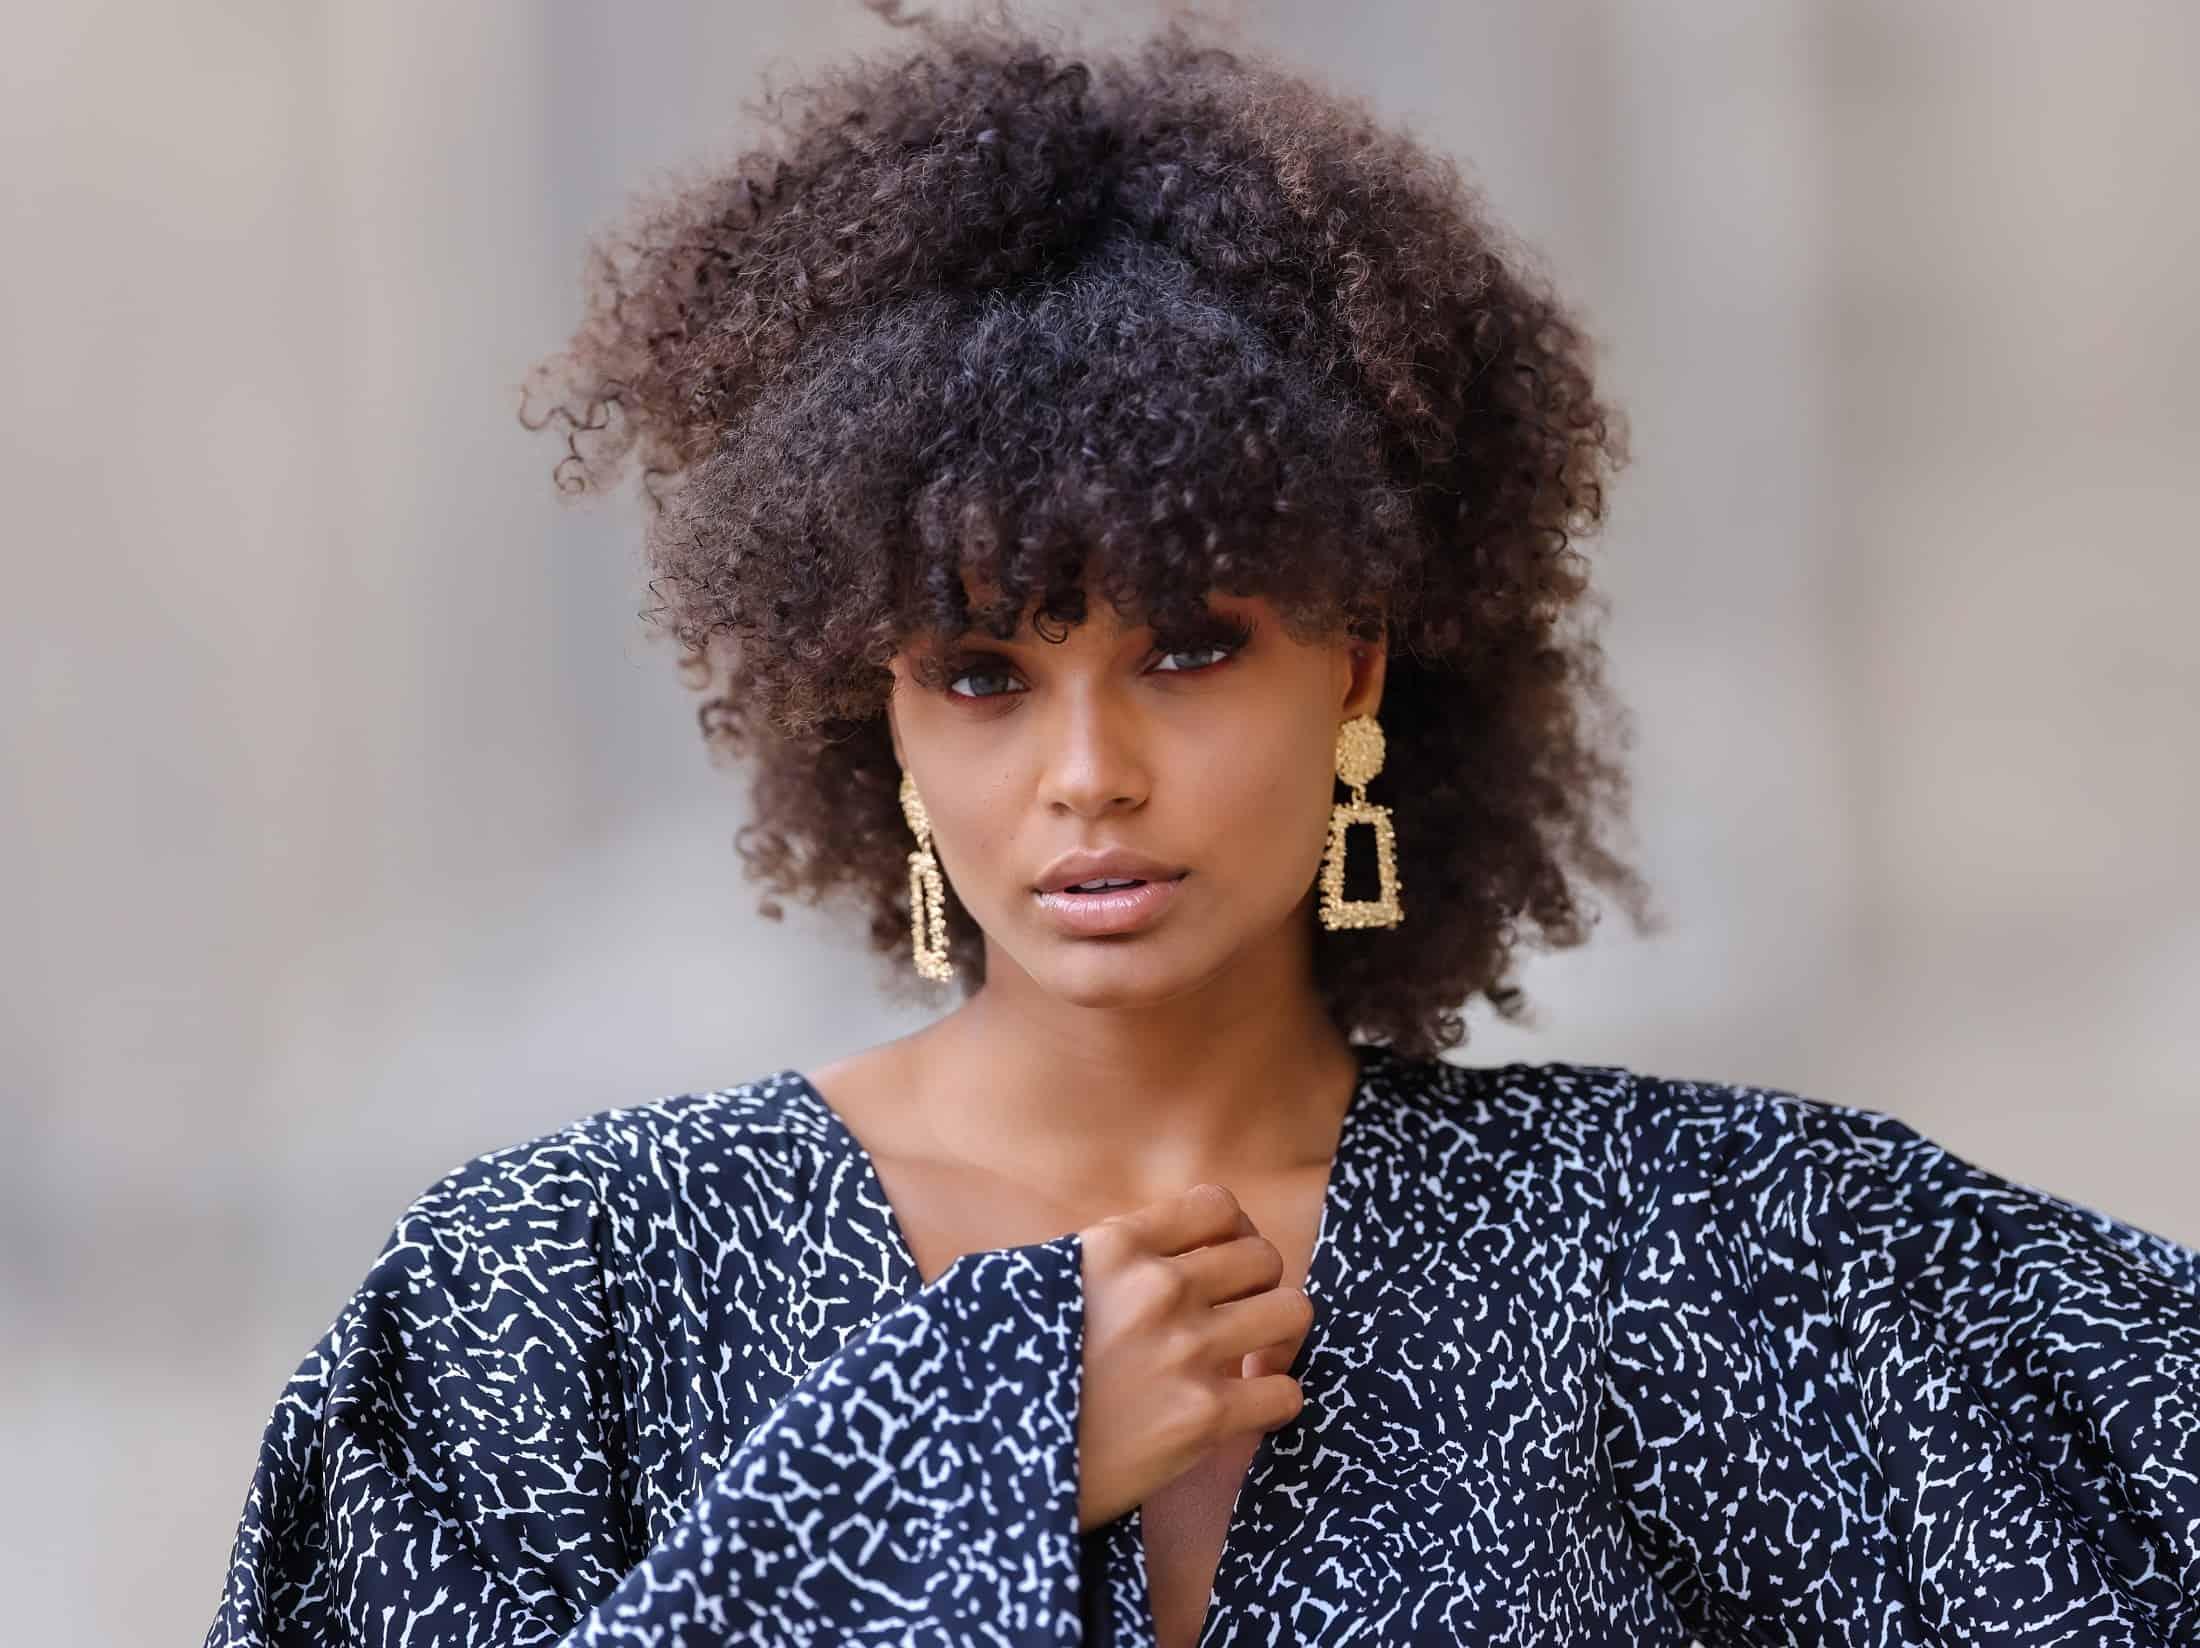 7 najlepszych fryzur dla kręconych włosów